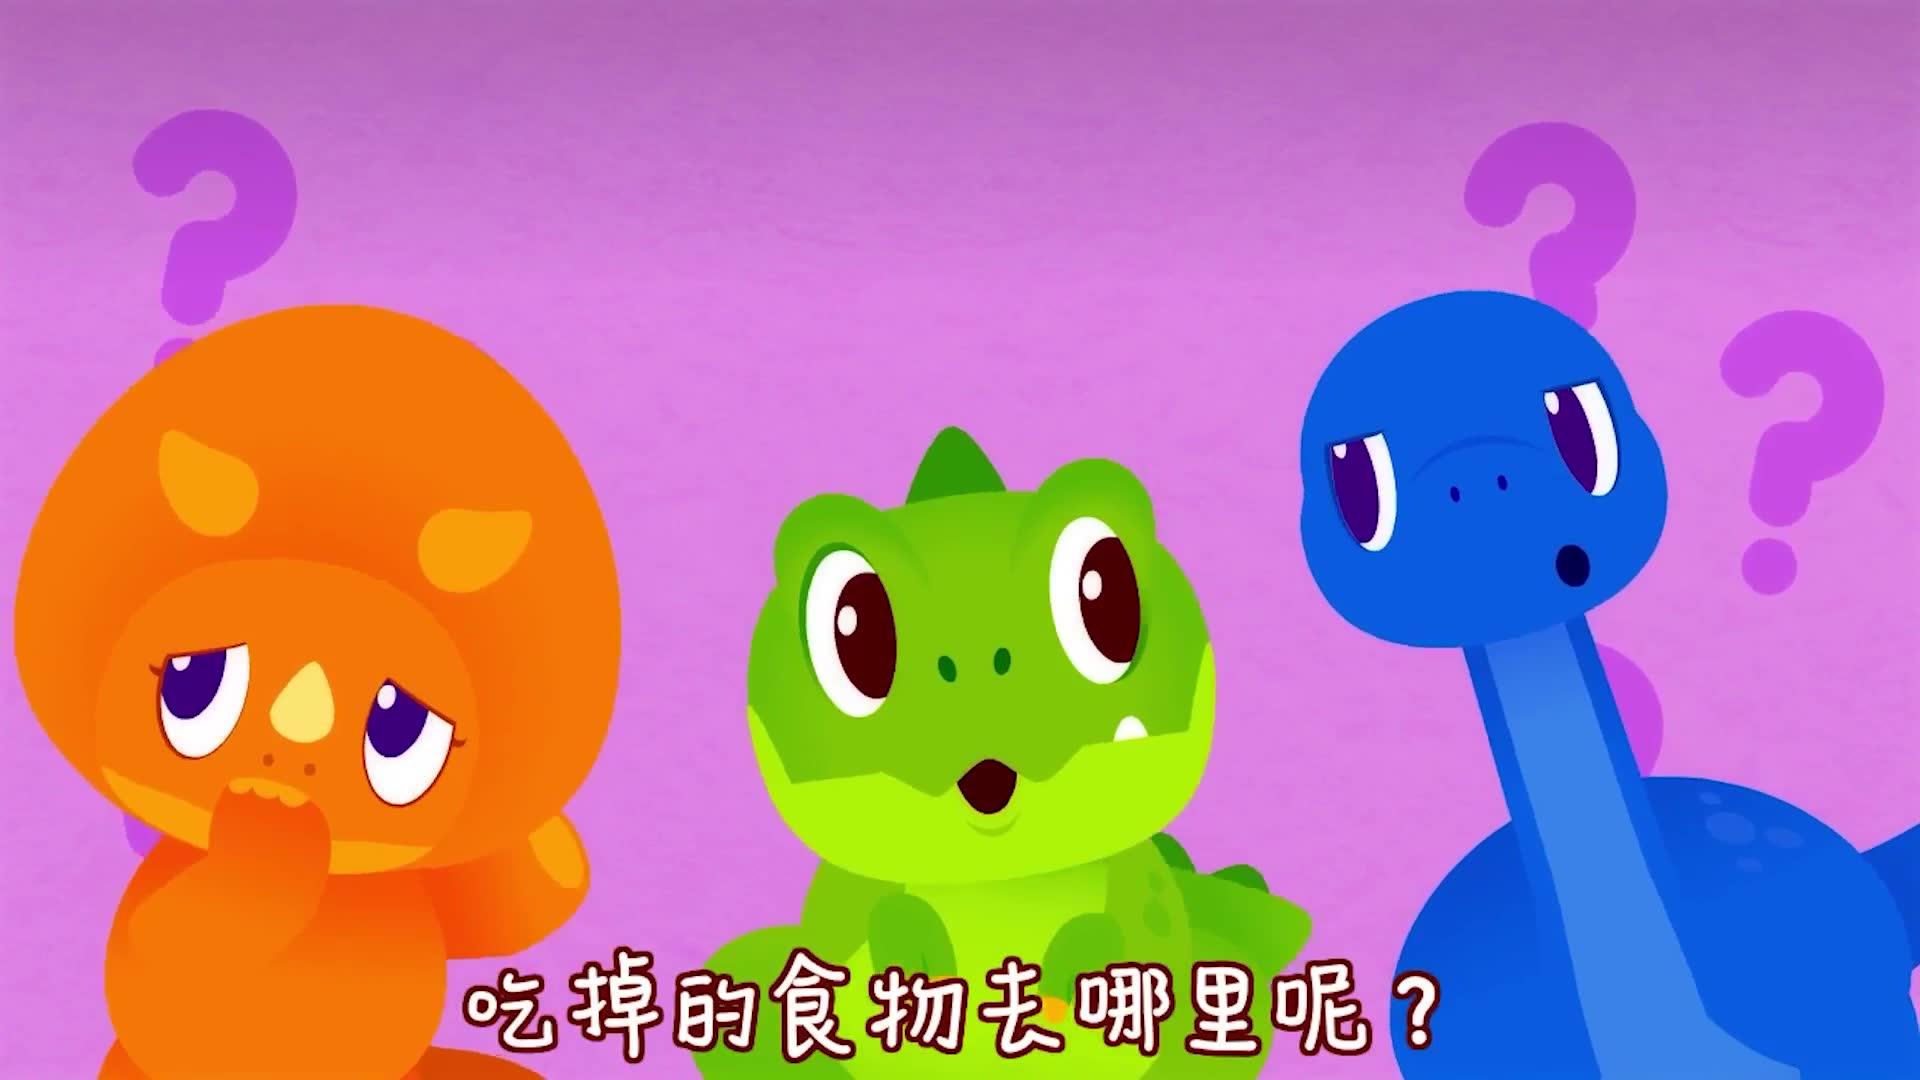 5화 공룡이랑 응가방가